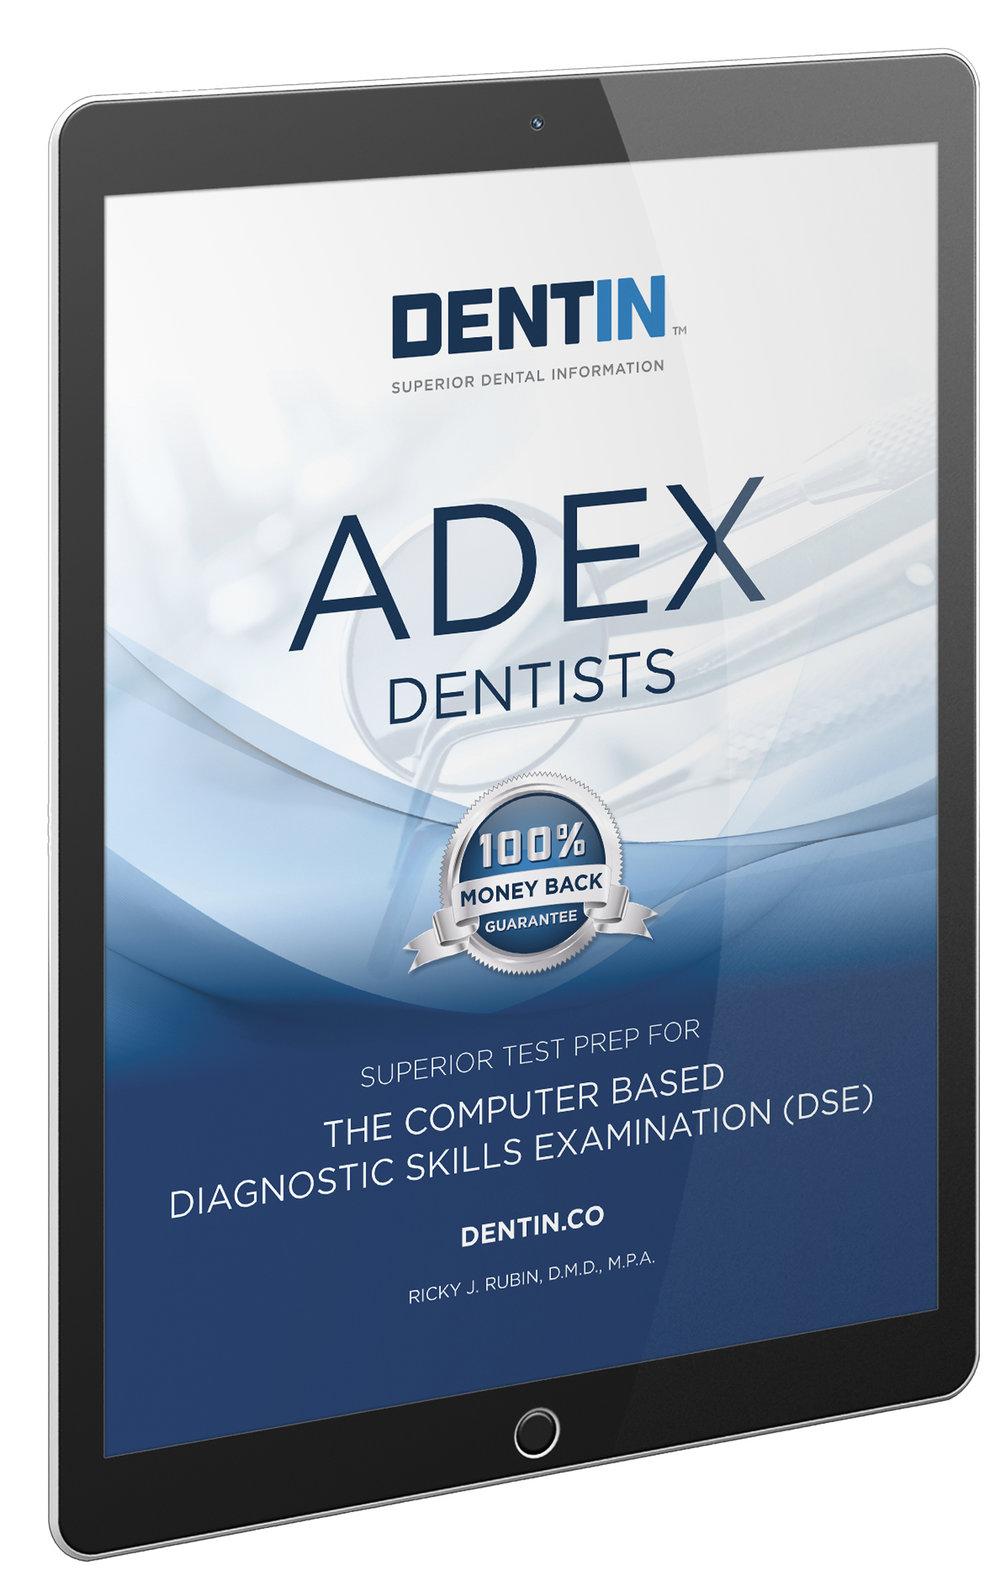 Dentin adex dentists: d. M. D, m. P. A. Rick j. Rubin: 9780996365529.